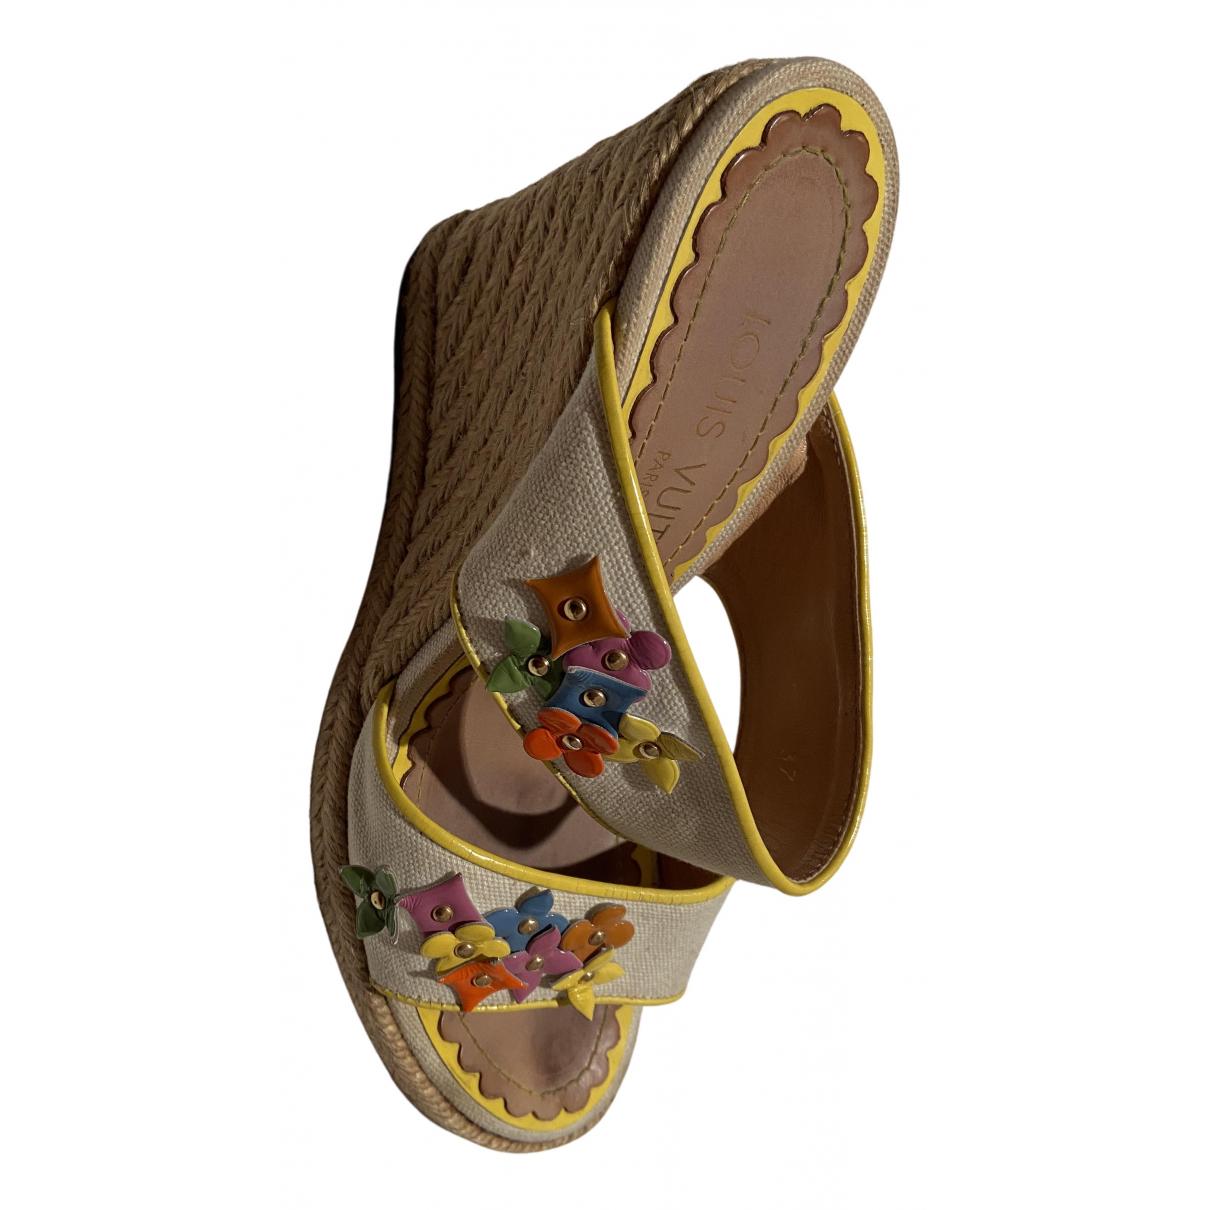 Sandalias romanas de Lona Louis Vuitton